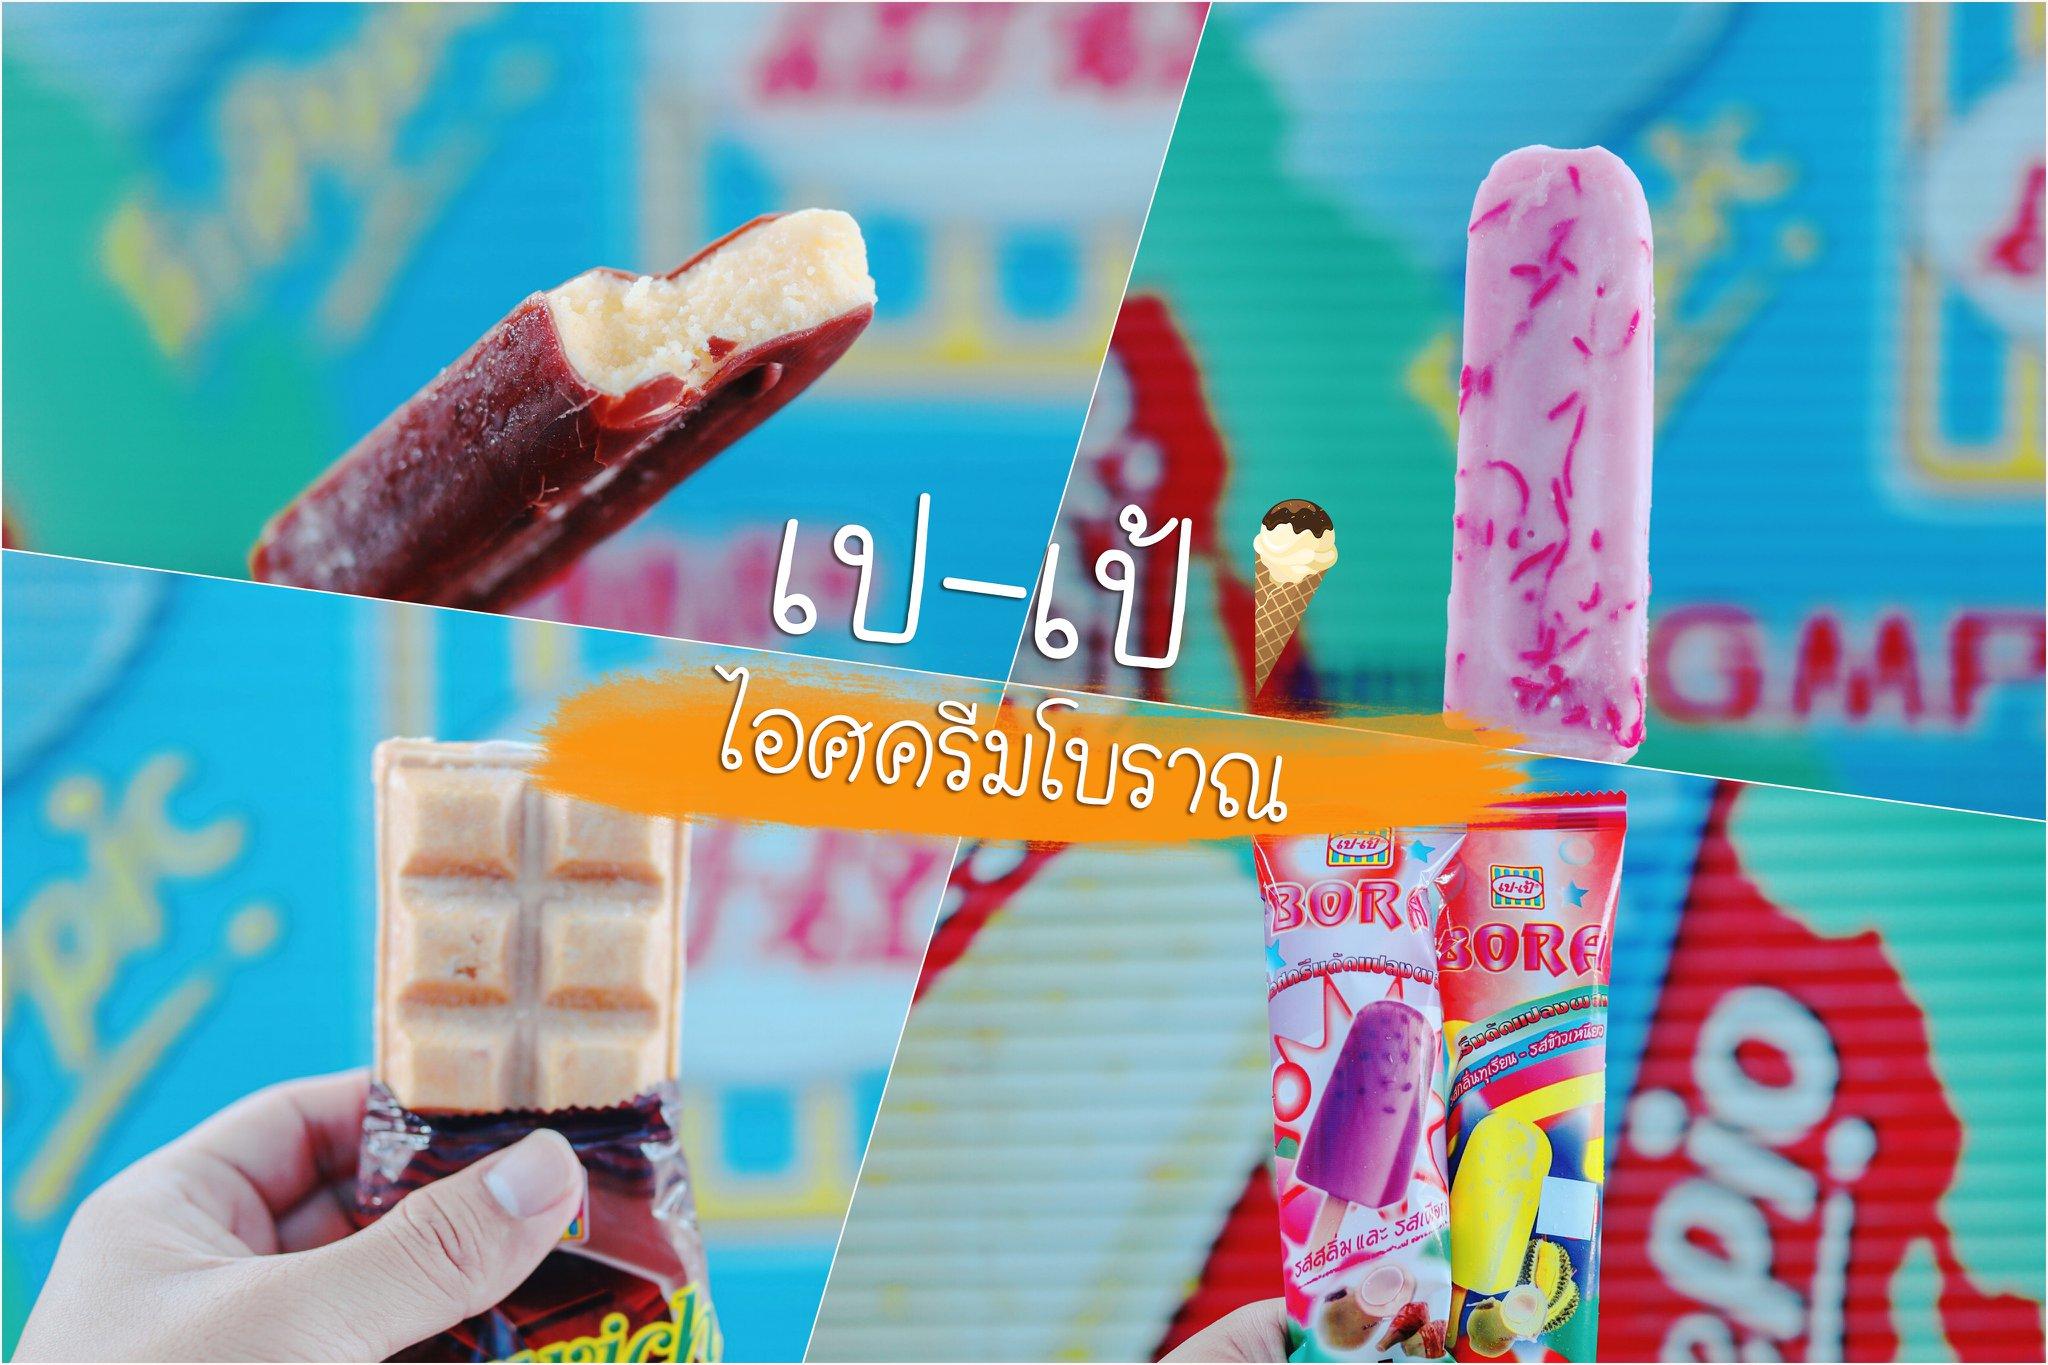 เป-เป้ ไอศกรีมโบราณ รสชาติอร่อยๆฟินๆ กลิ่นไอสมัยเด็กกก